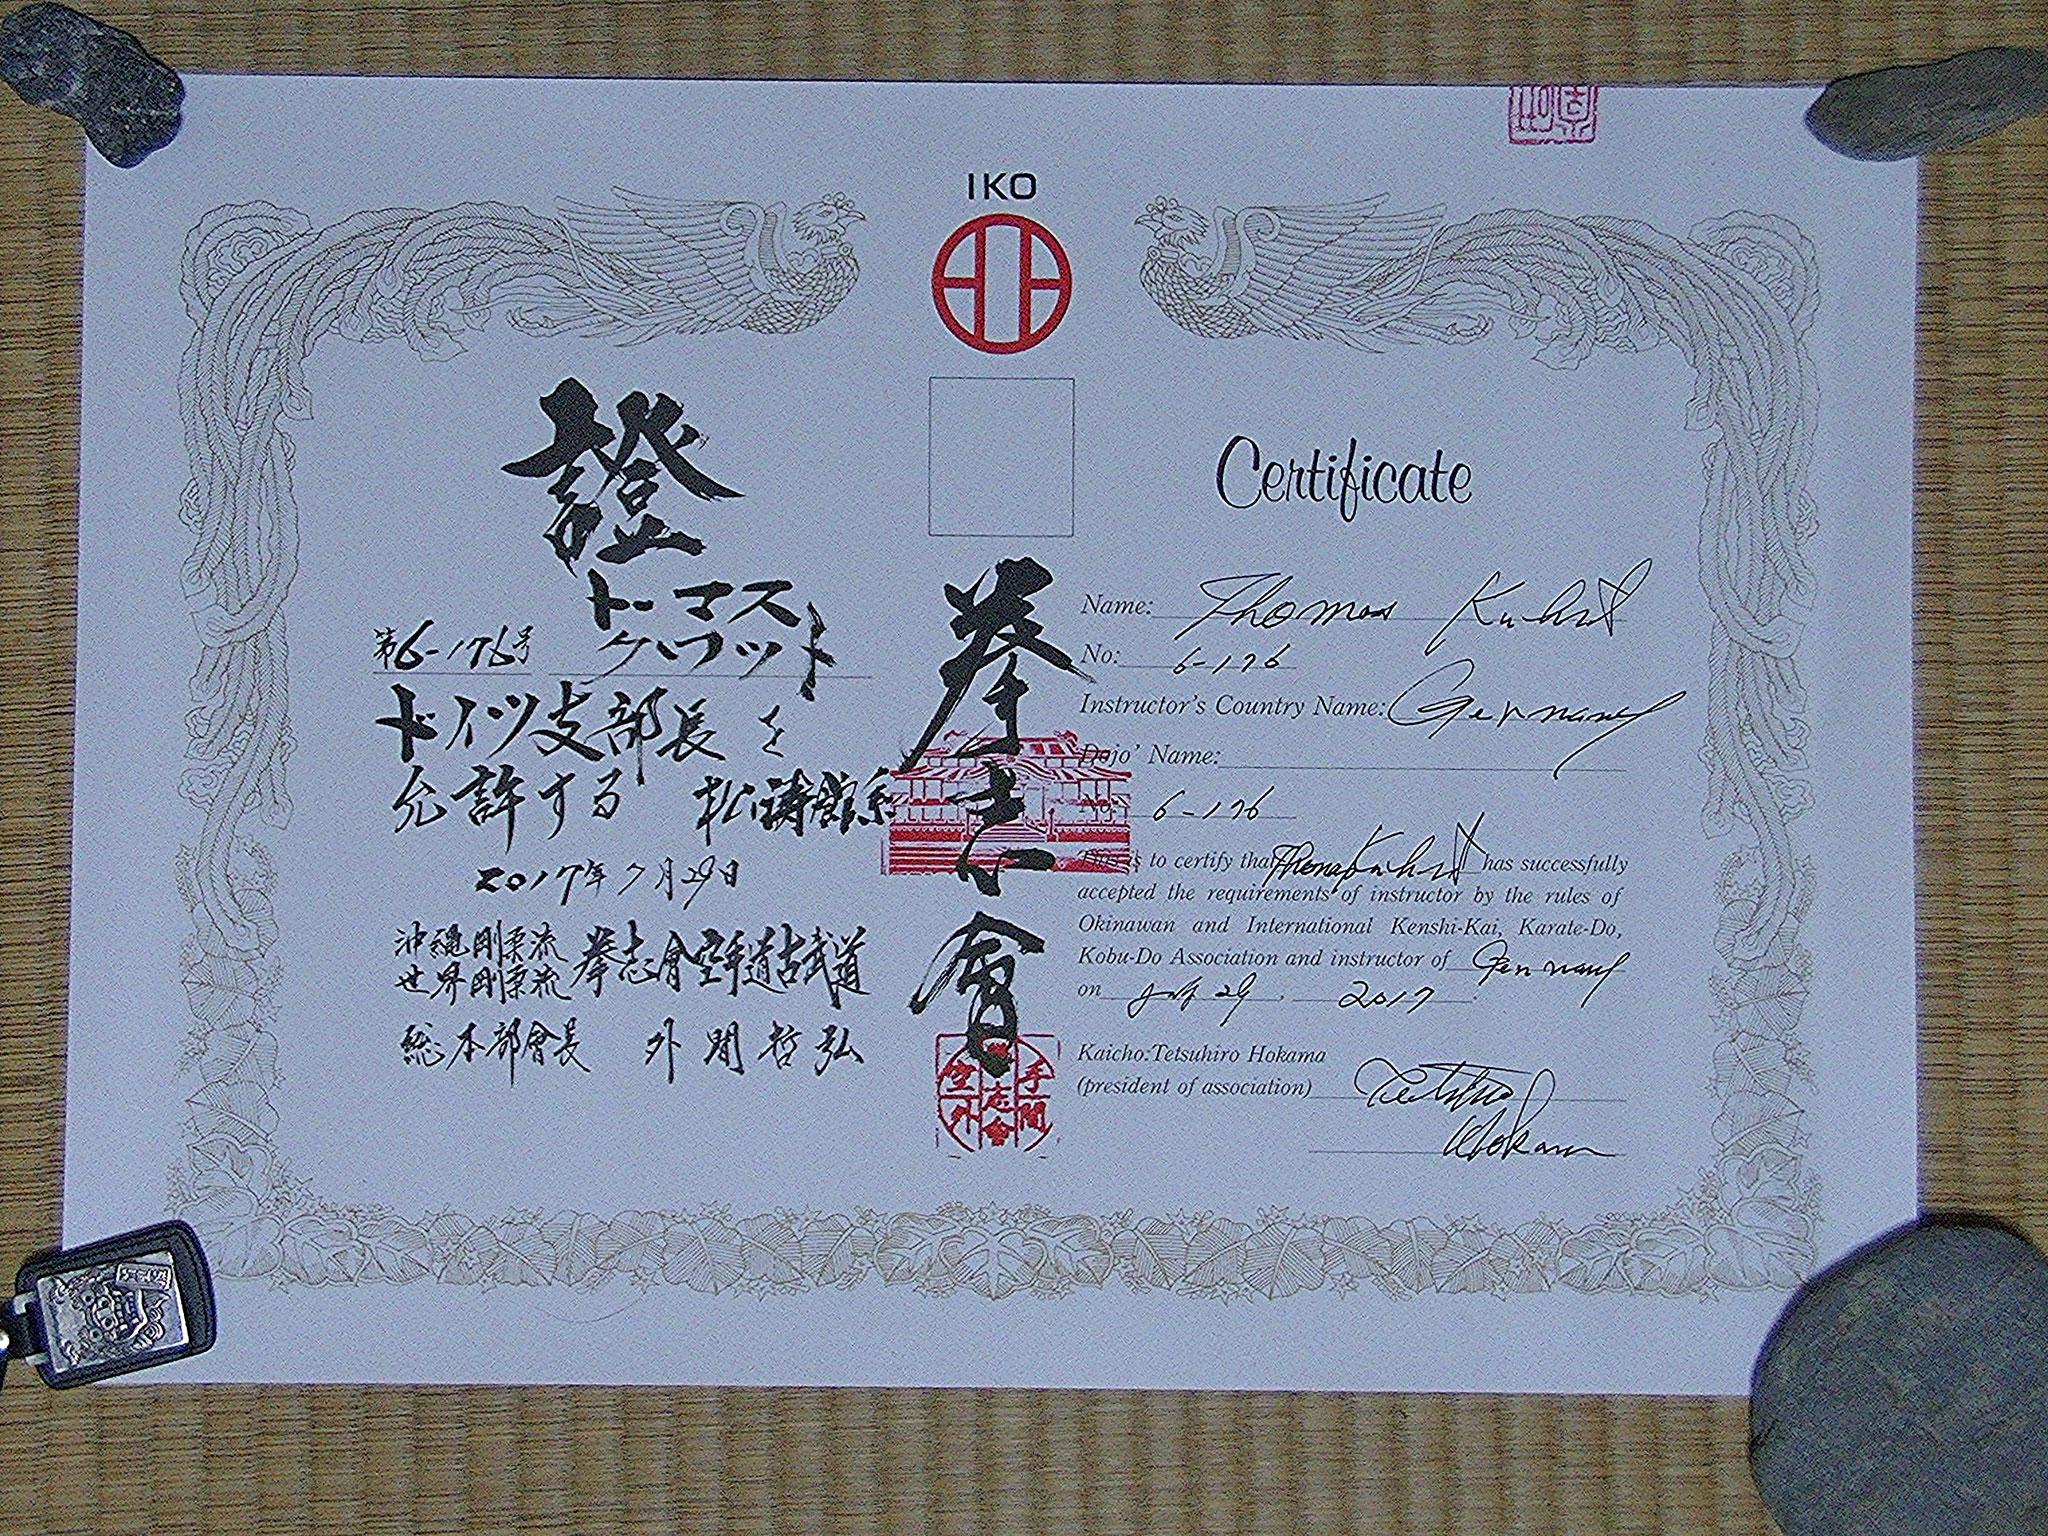 Zertifikat offizielle internationale Lehrerlaubnis als Instruktor des Kenshikai in Deutschland